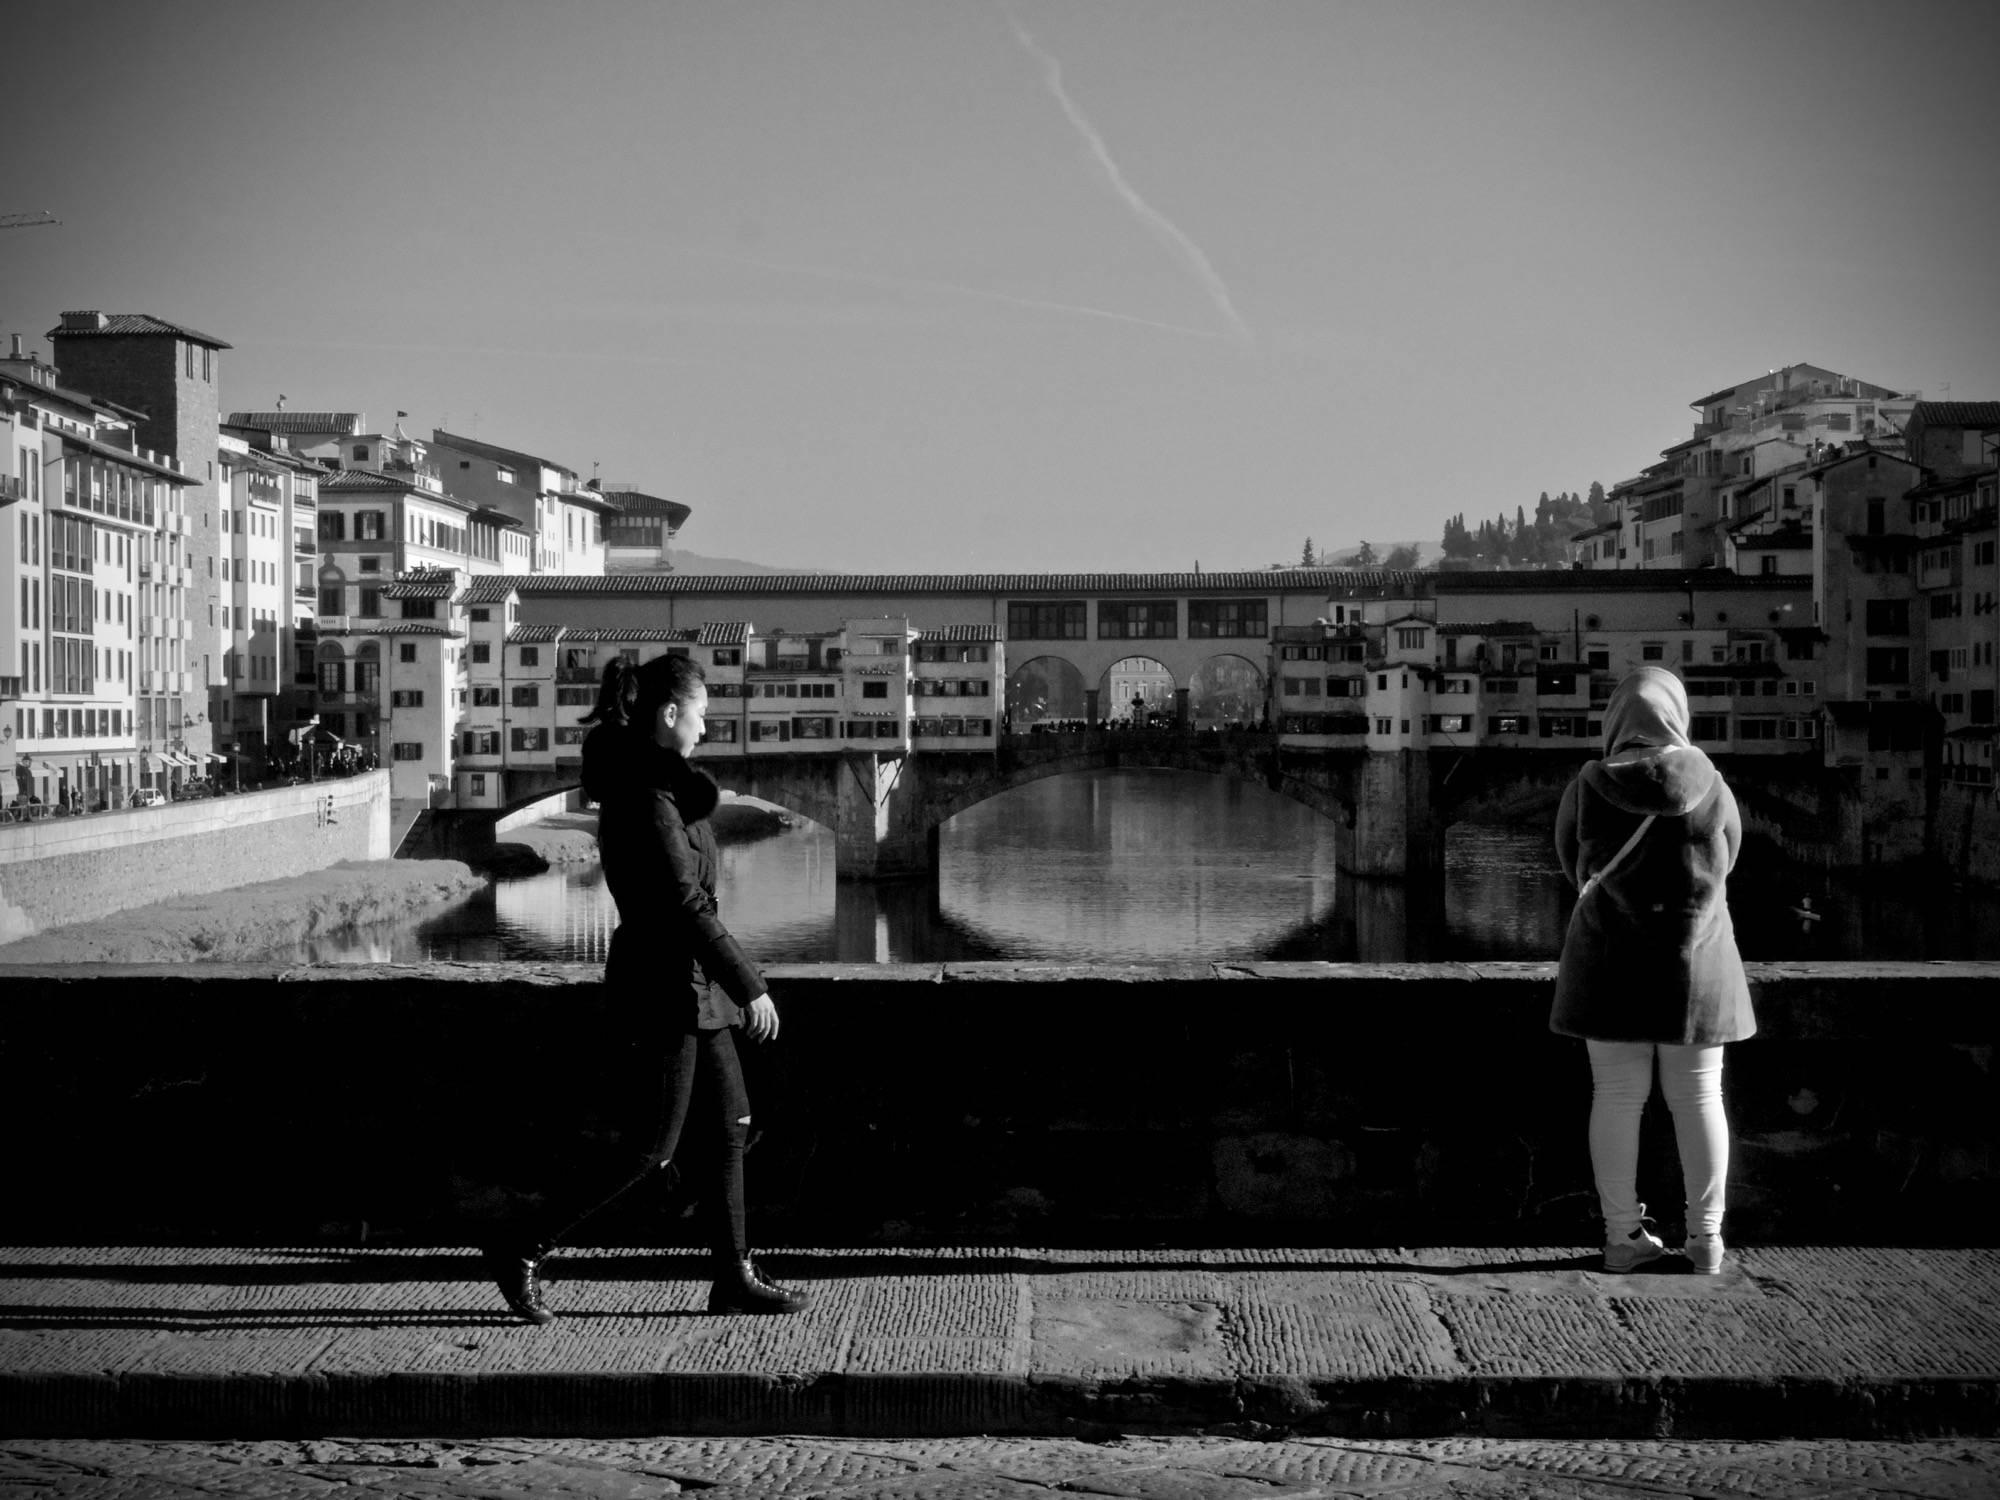 Massimiliano_Scarpa_photo_Firenze 2016 - Ponte Vecchio